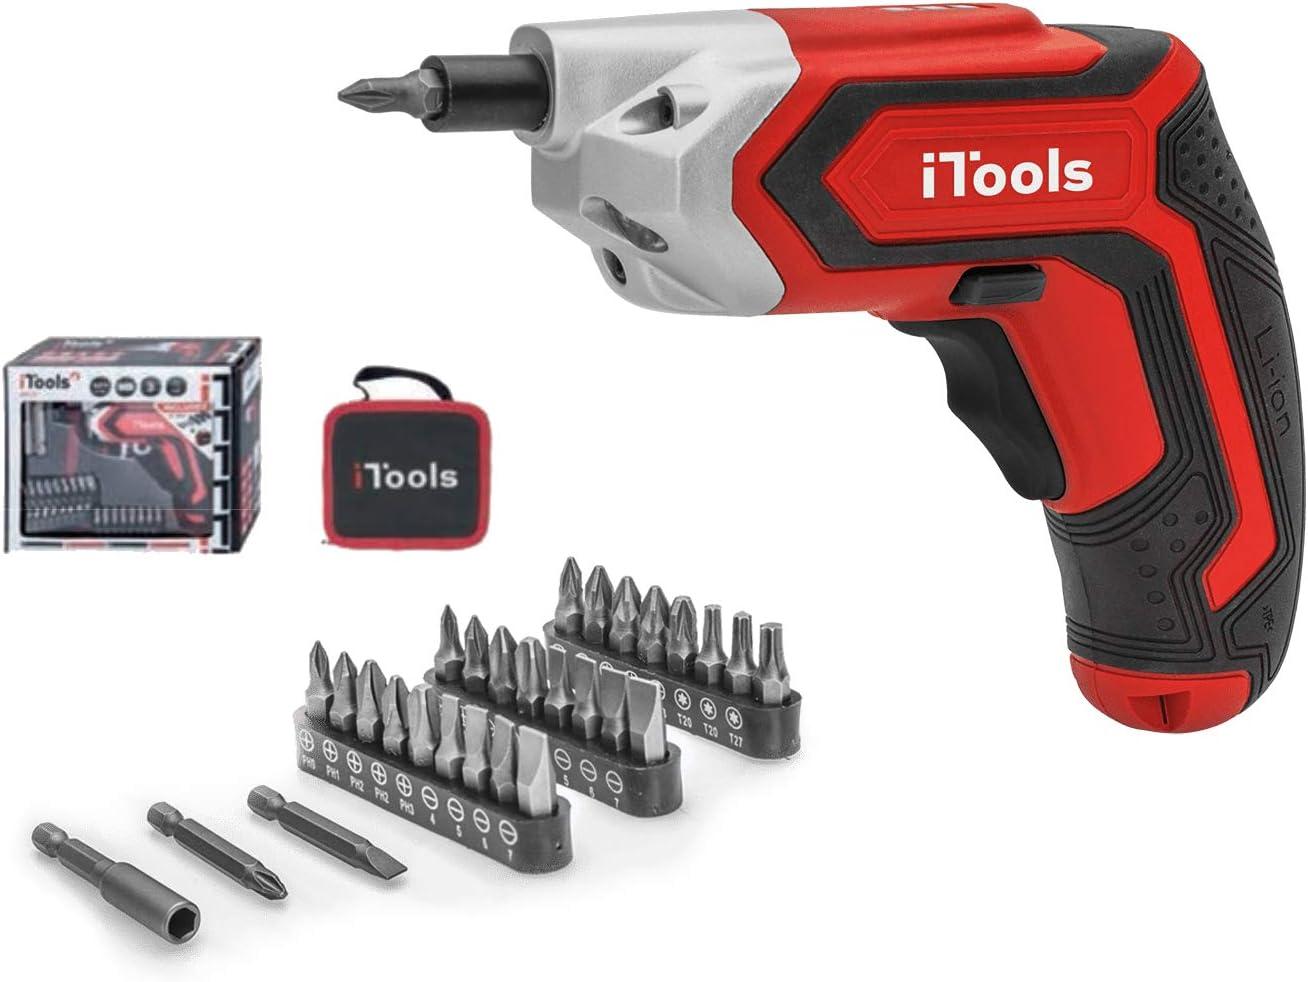 ITools pr2067perforadora eléctrica inalámbrico 3.6V)